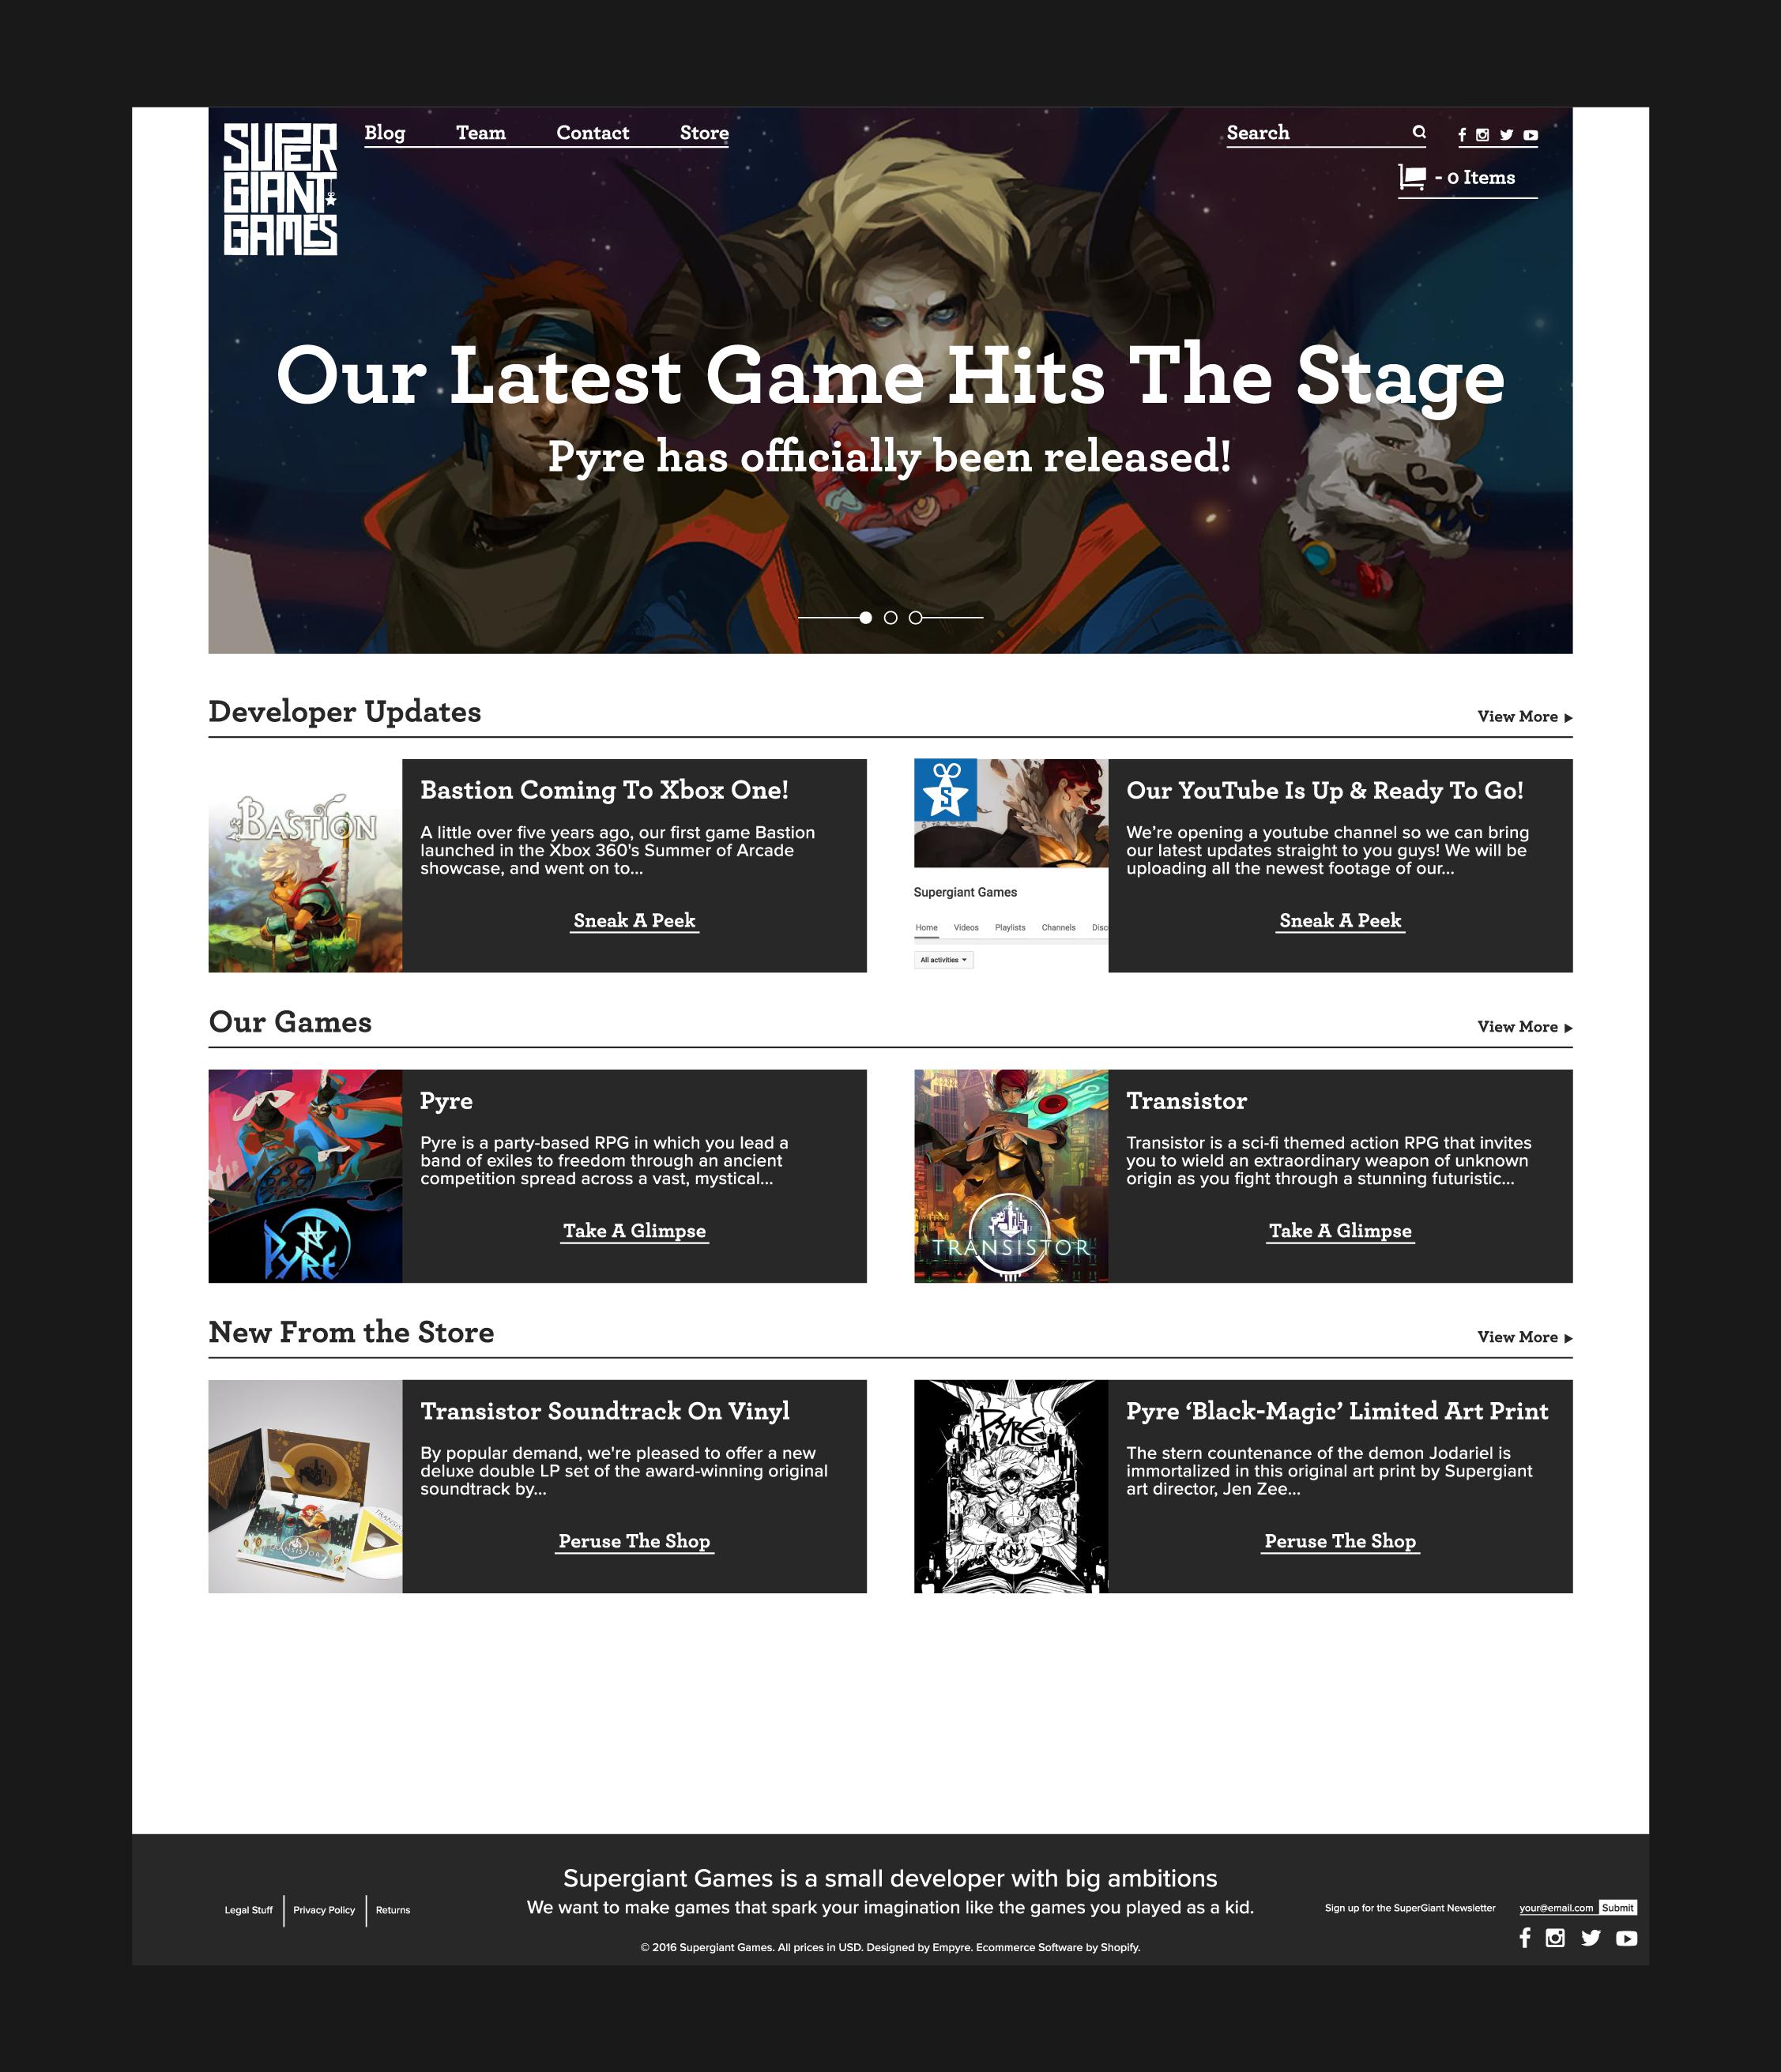 06-homepage.jpg